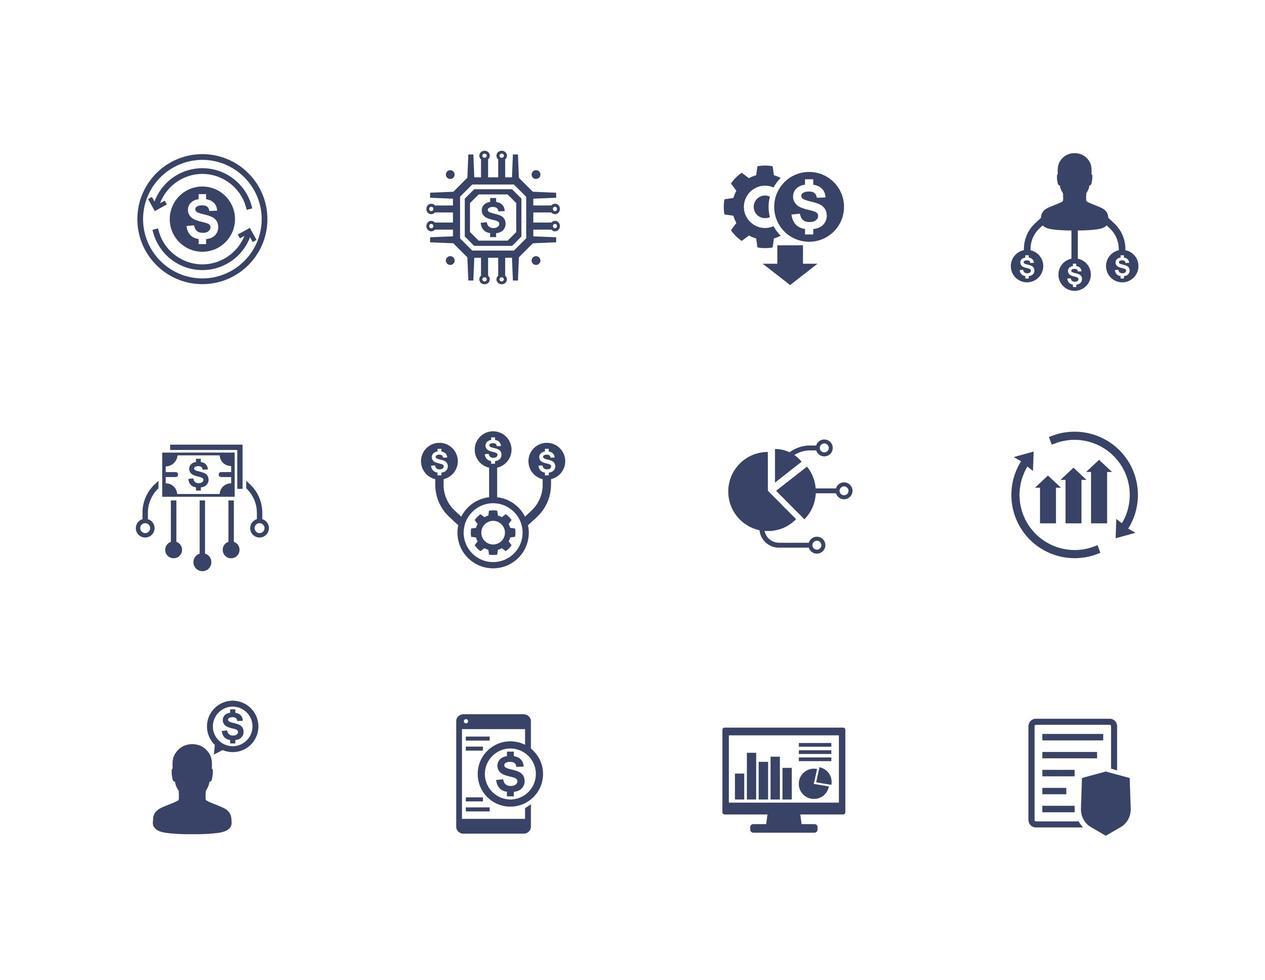 gestão de finanças e ícones de planejamento financeiro definidos em branco vetor